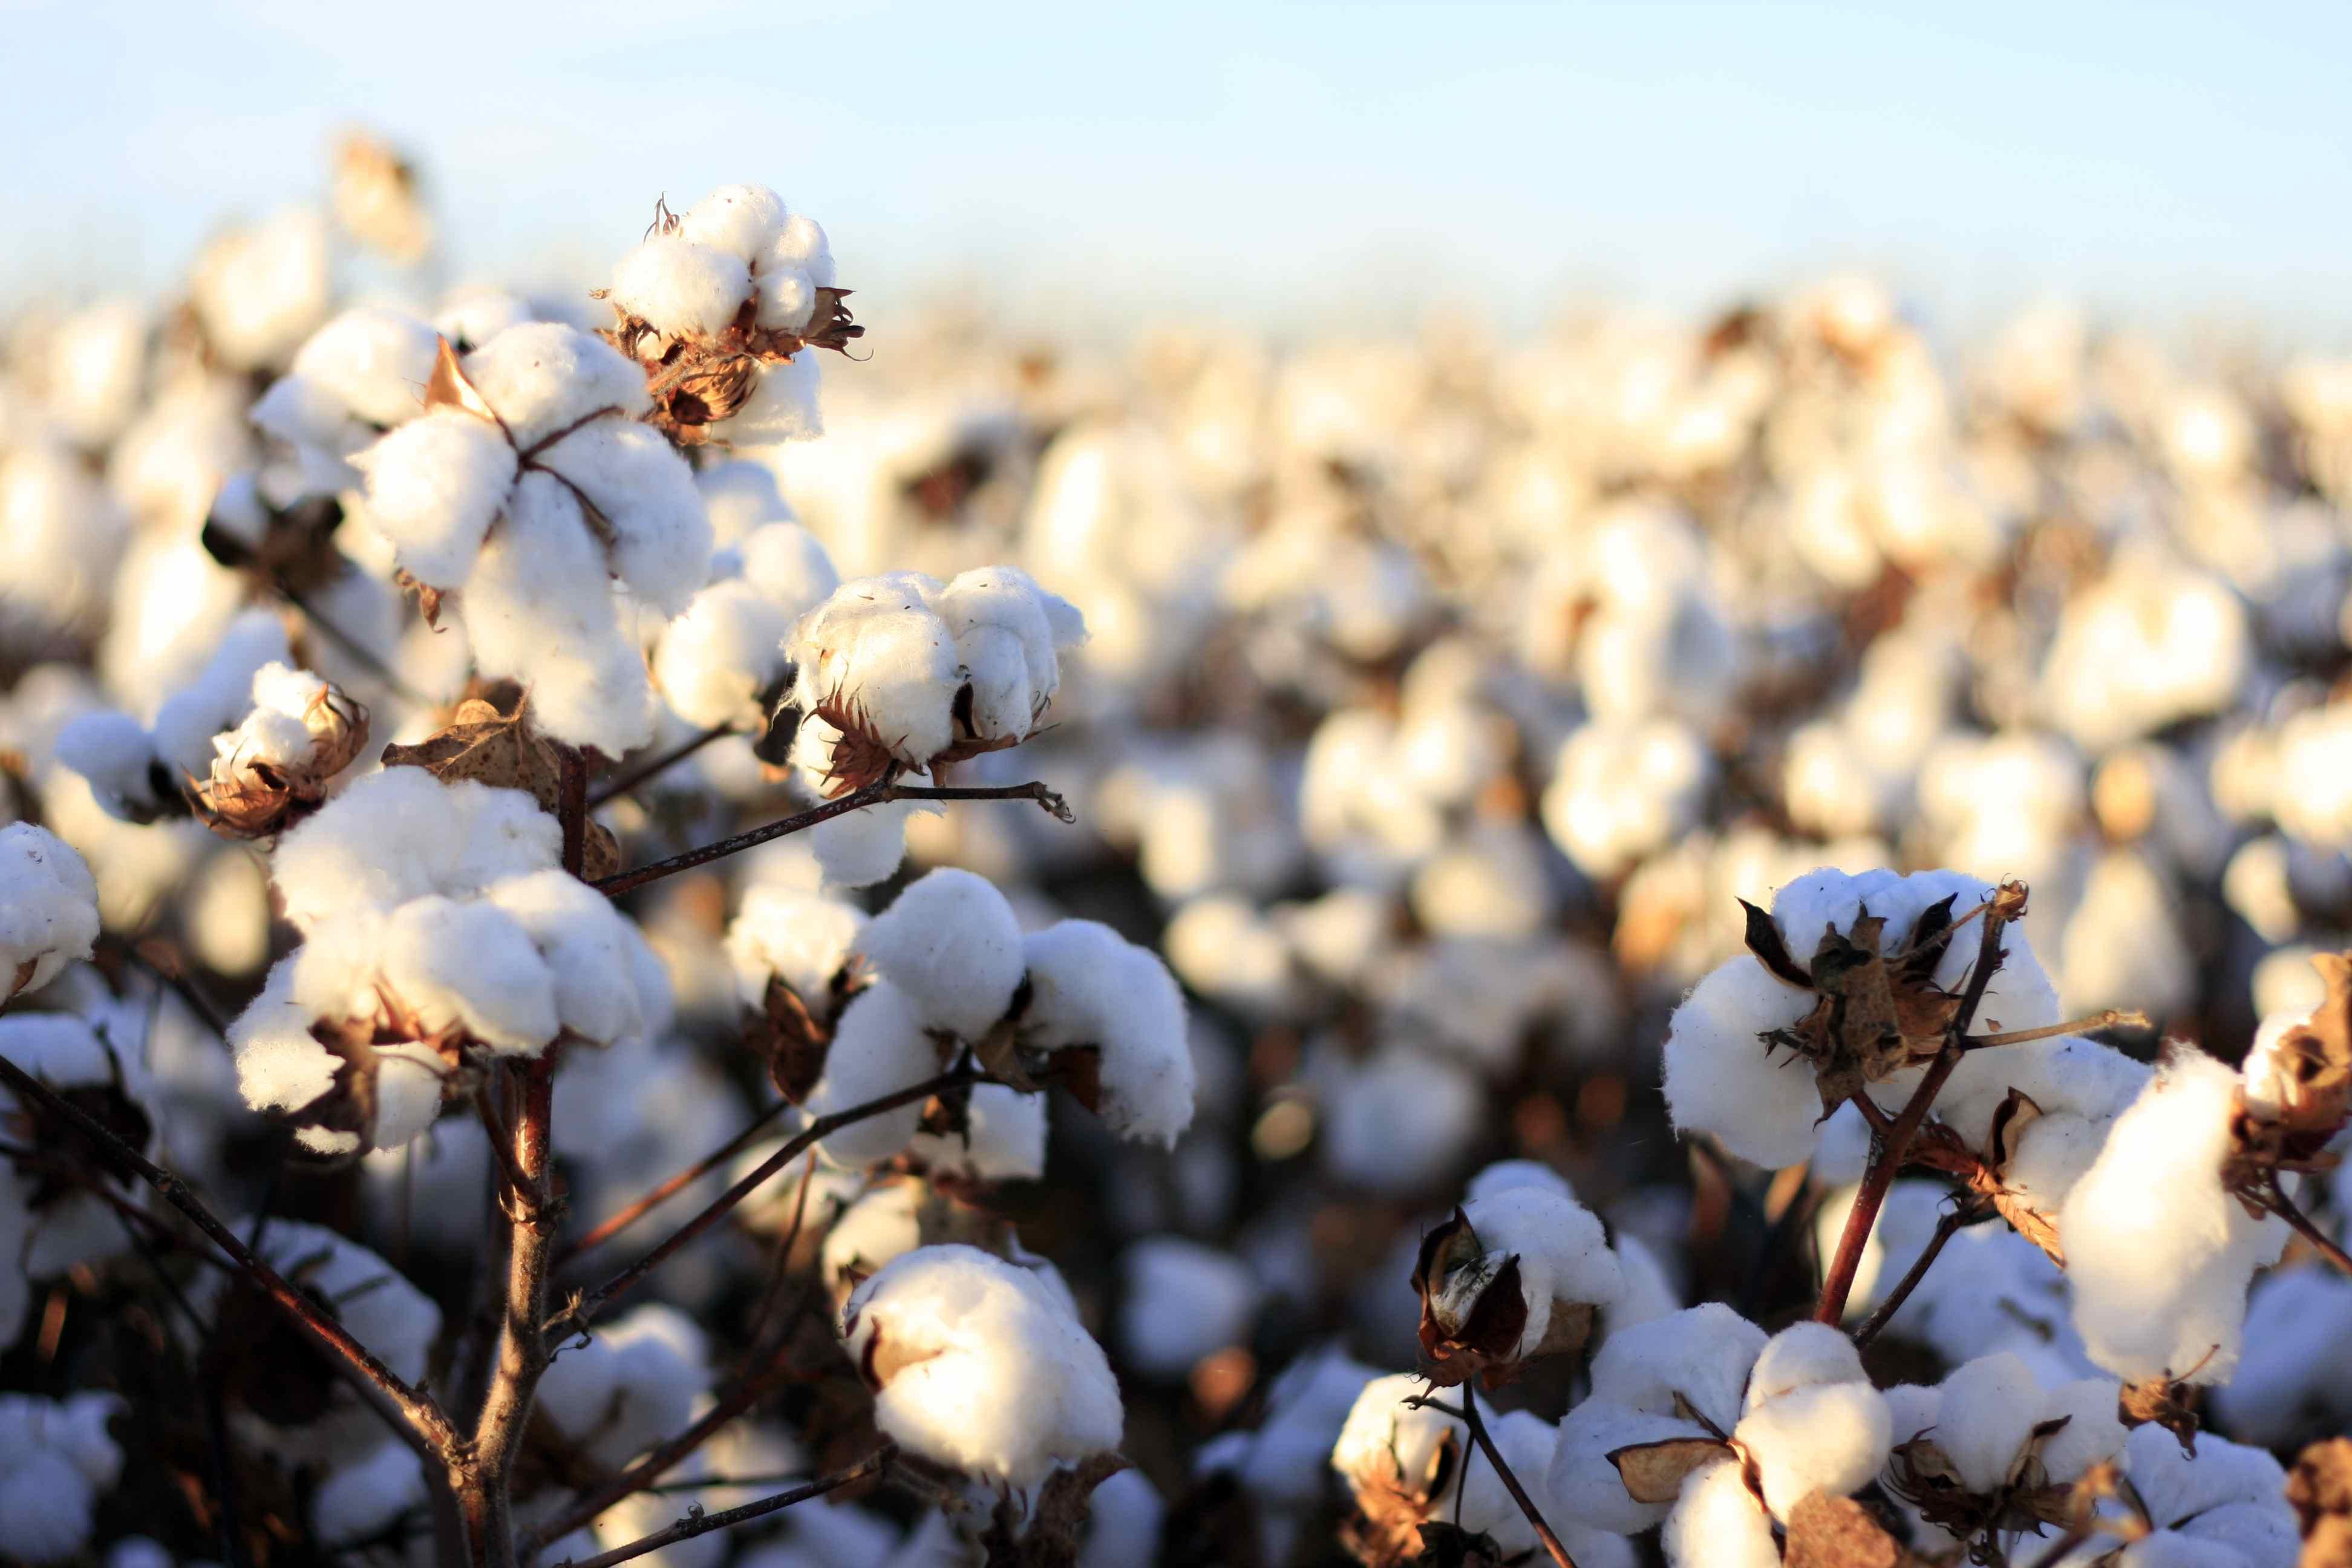 Organic cotton bolls